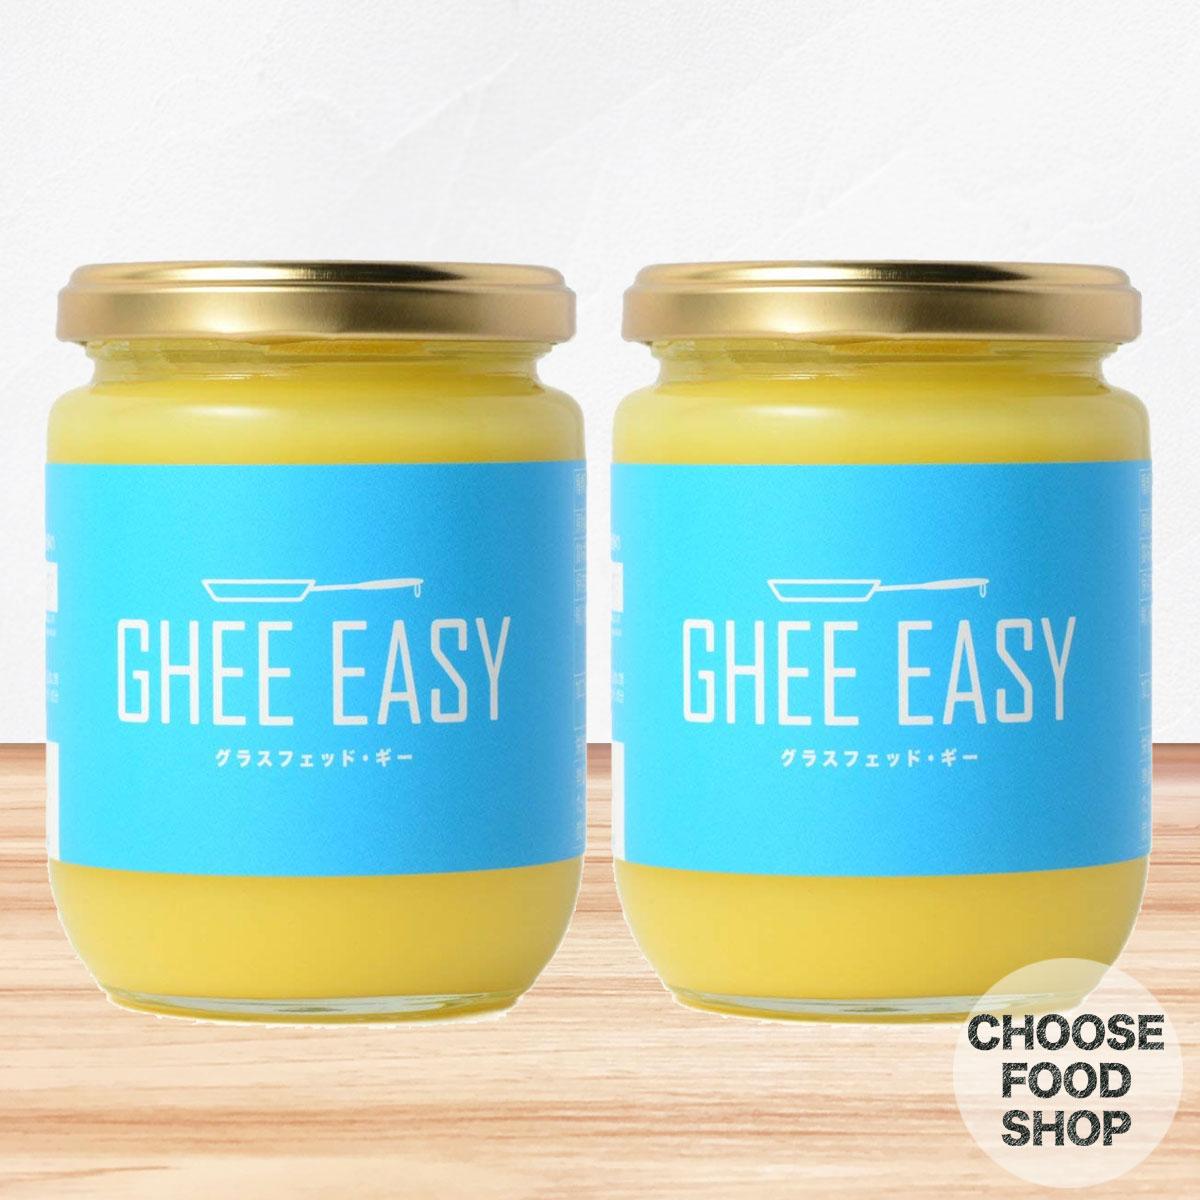 【送料無料】Ghee Easy ギー イージー 200g×2個セット (EU オーガニック 認証 グラスフェッドバター ミラクルオイル)